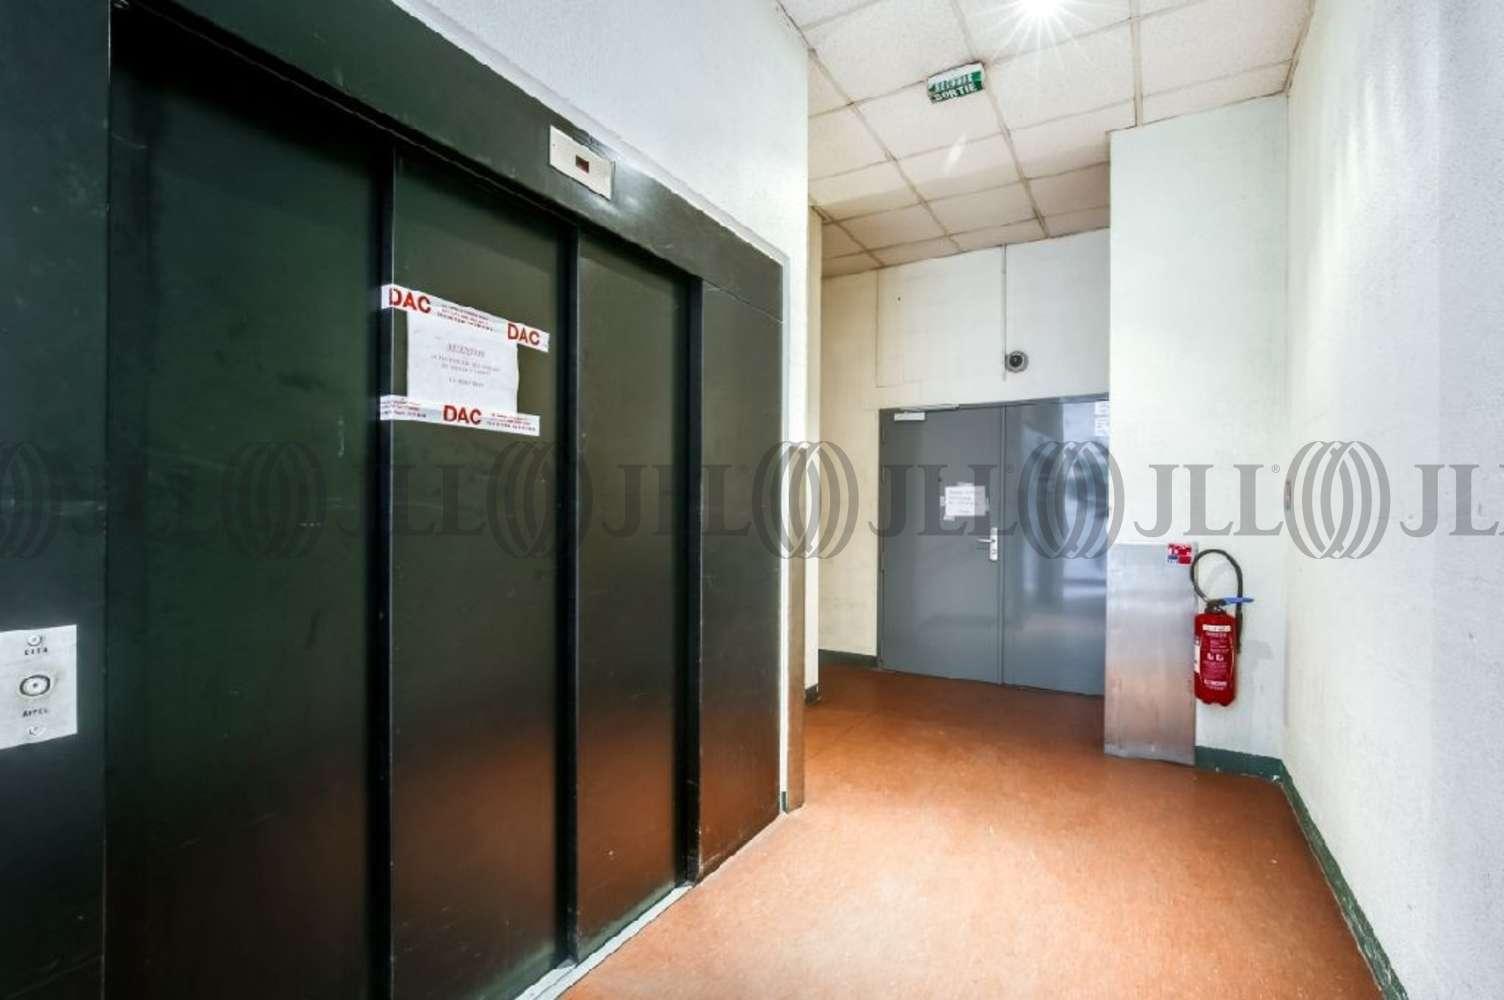 Activités/entrepôt La plaine st denis, 93210 - 68 AVENUE DU PRESIDENT WILSON - 10067596